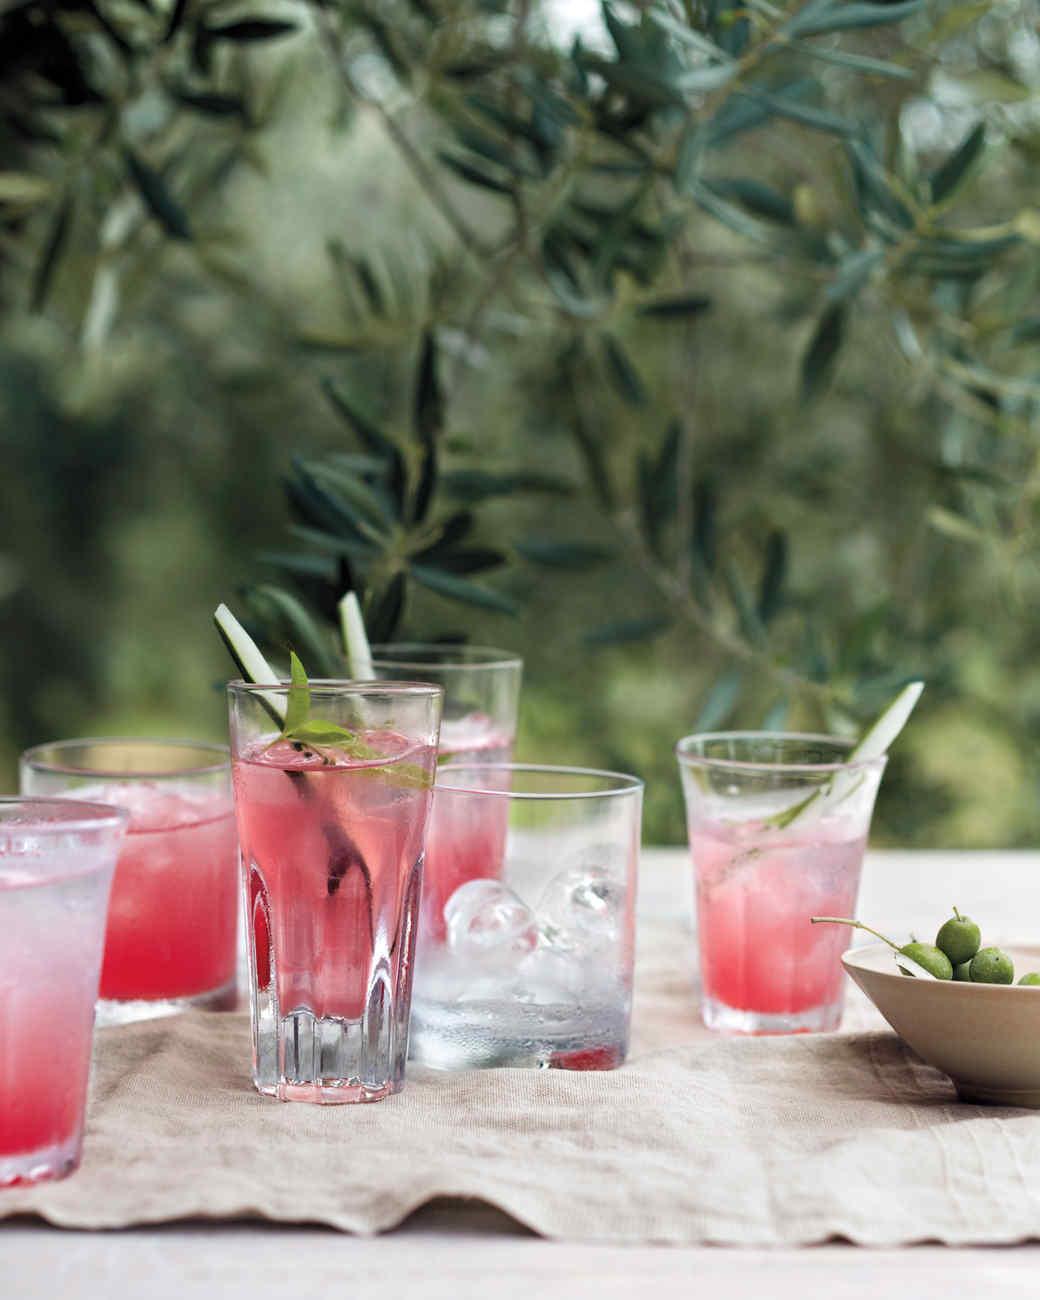 Watermelon-Cucumber Coolers